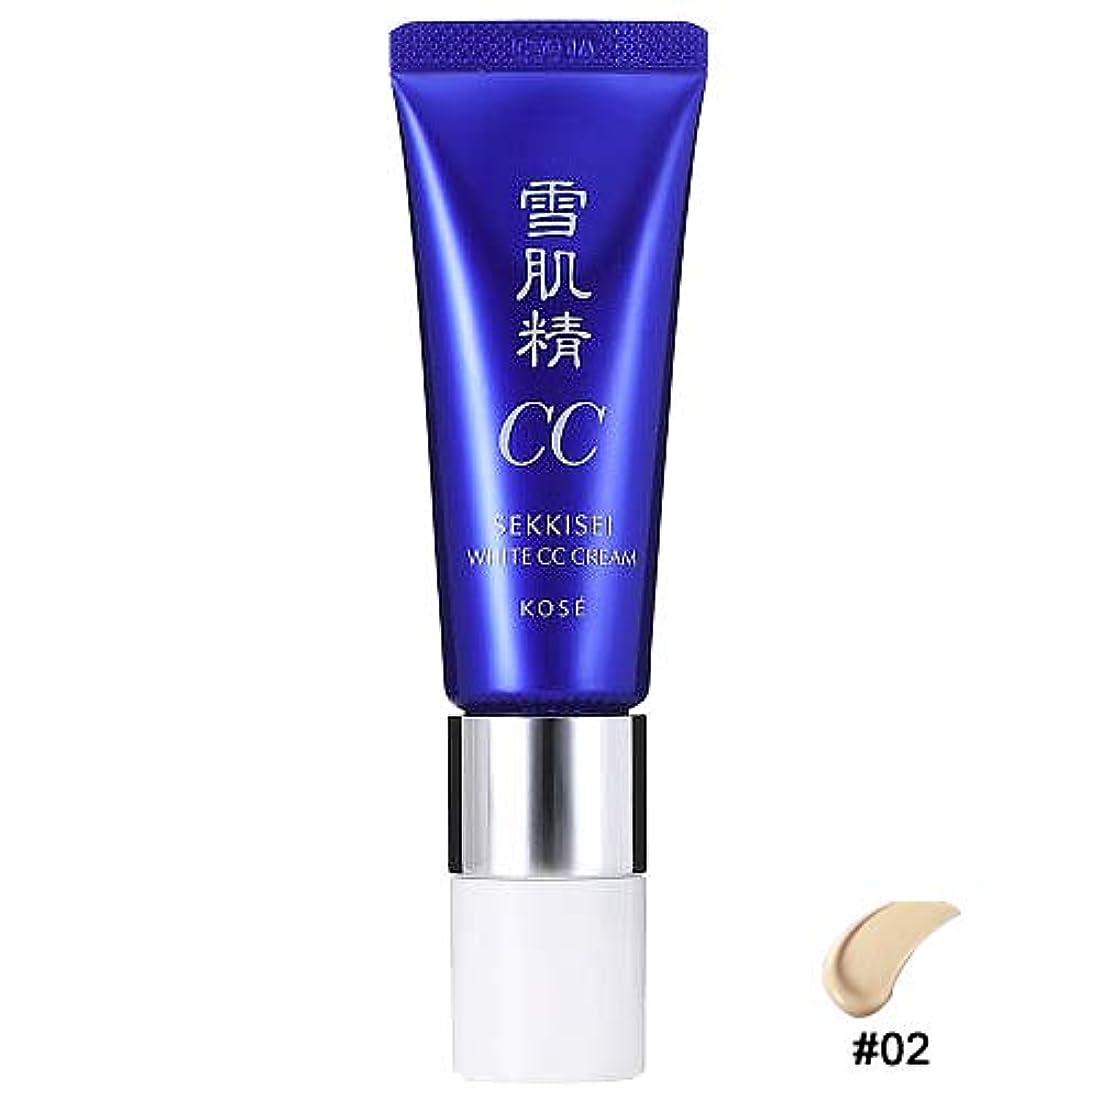 フォアマン独立した練るコーセー 雪肌精 ホワイトCCクリーム 02 普通の明るさの自然な肌色 30g SPF50+/PA++++ [並行輸入品]